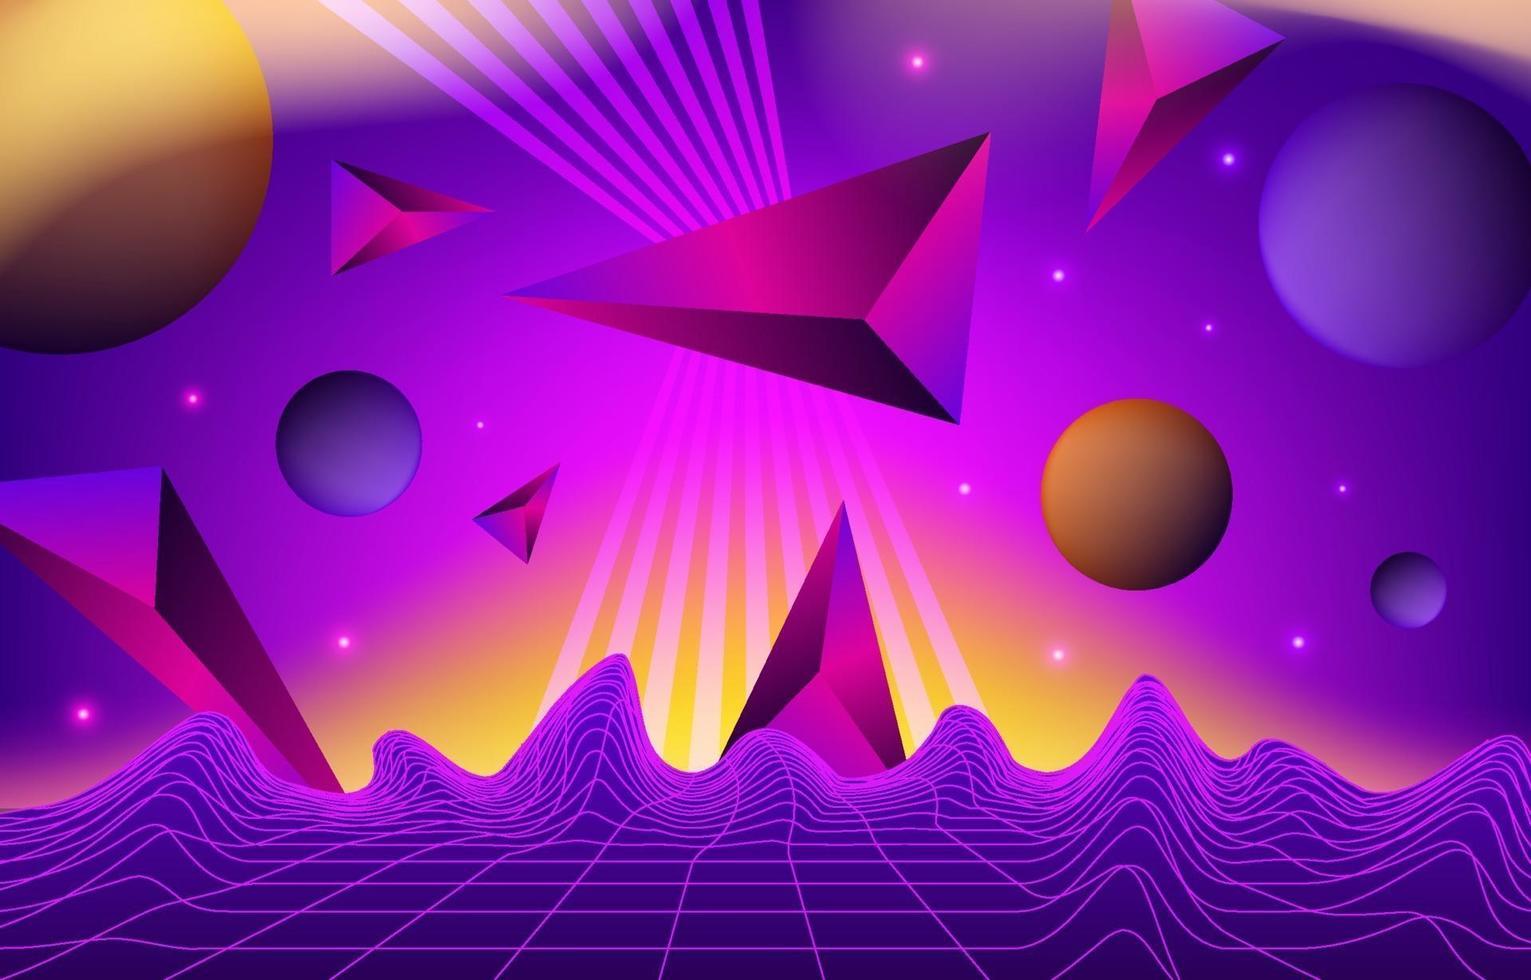 abstrakt retro futurism vektor